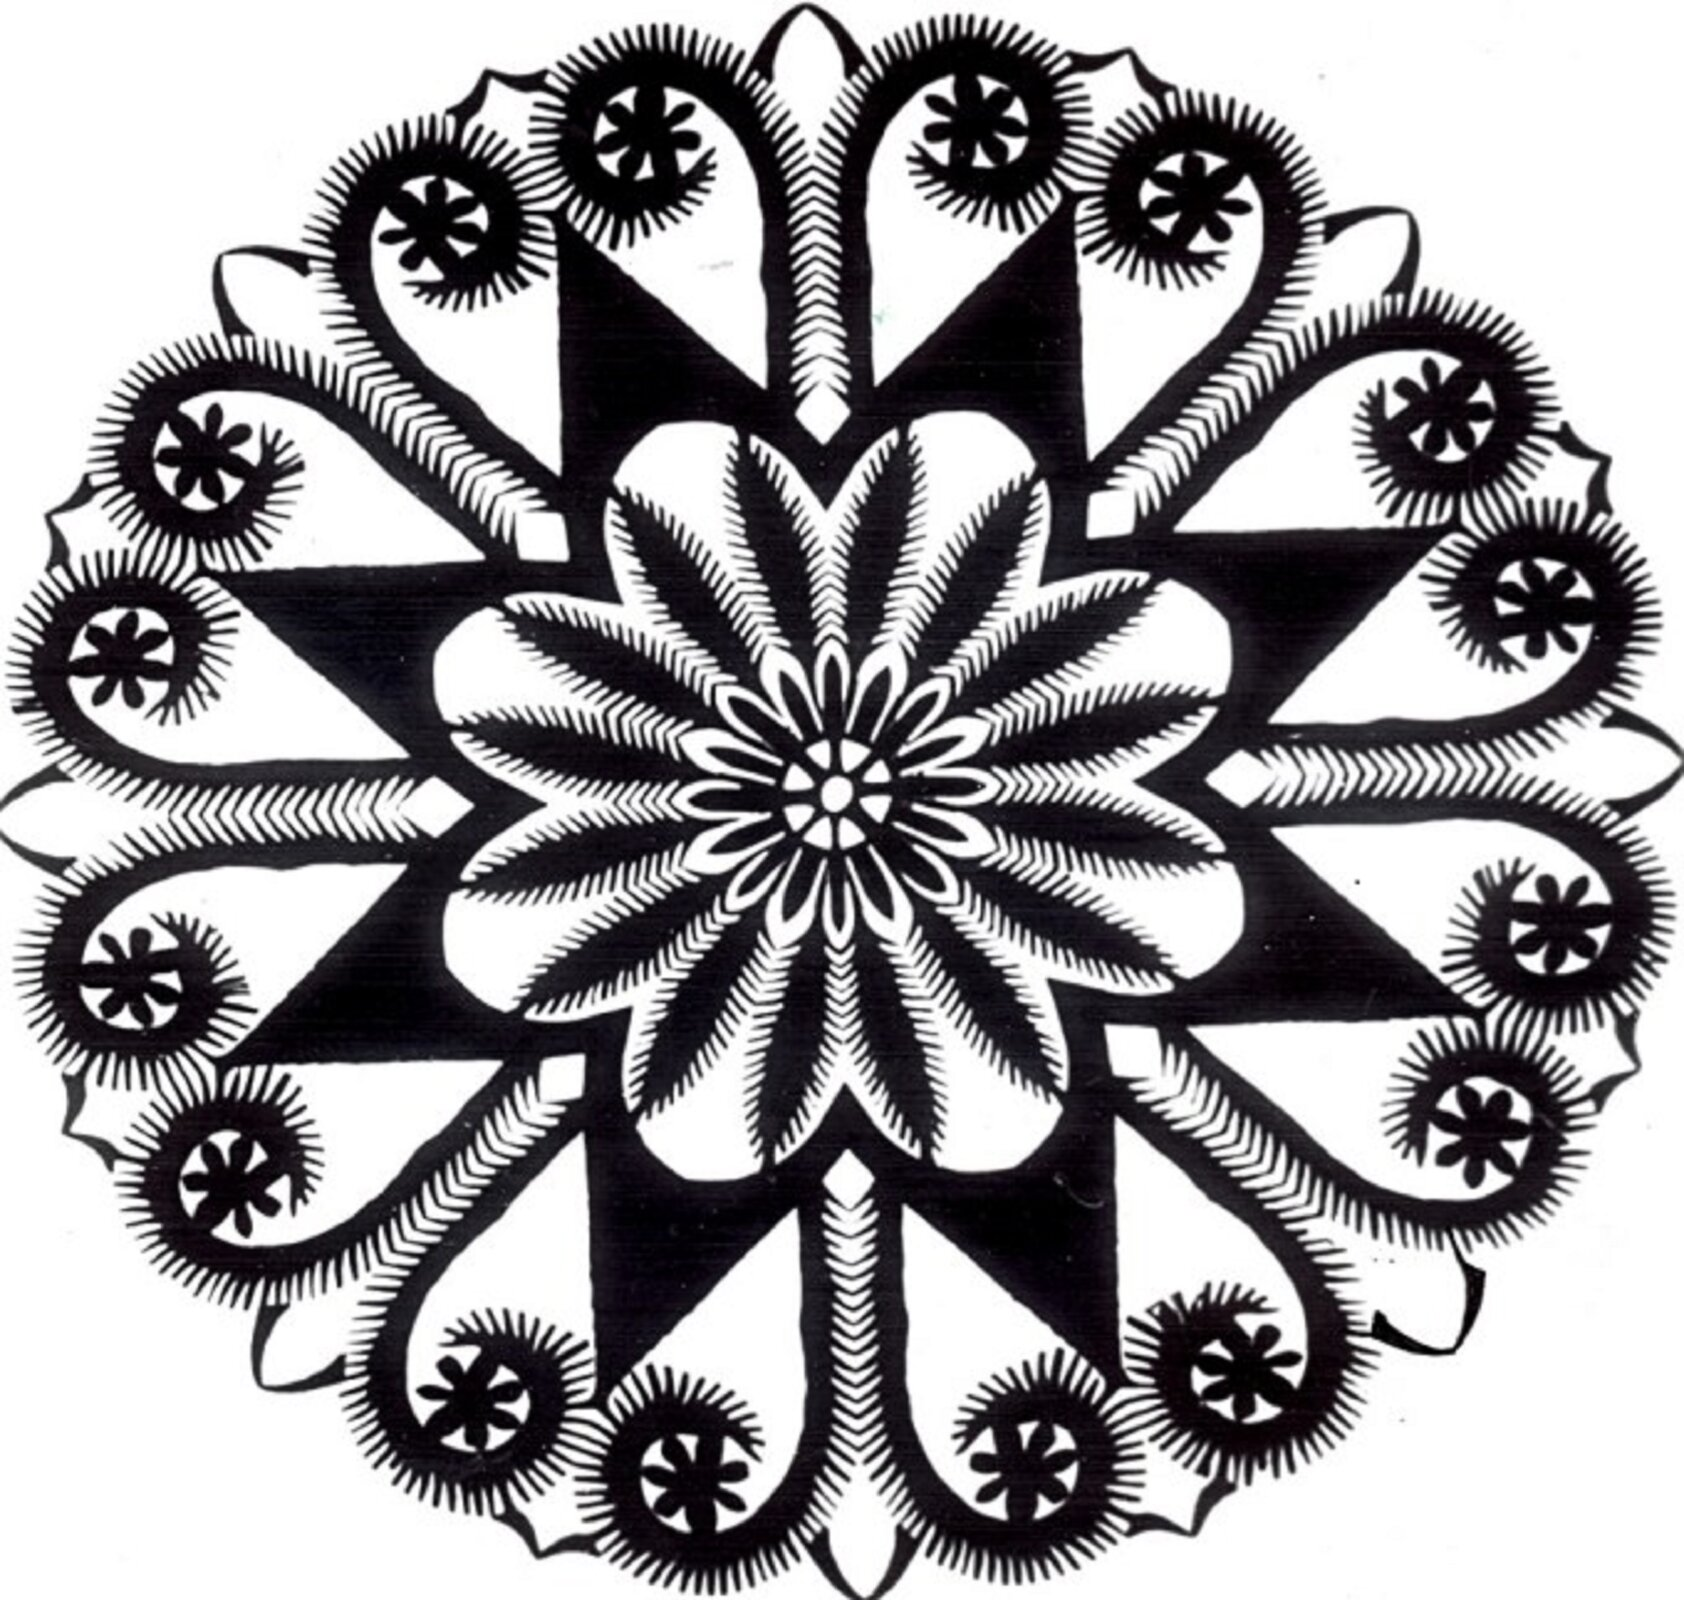 Ilustracja przedstawia wycinankę lubelską. Jest to wzór oparty na kole wczarnym kolorze. Środek to kwiat owielu płatkach wpisany wgwiazdę oośmiu wierzchołkach. Przestrzeń między ramionami gwiazdy wypełnia wzór przypominający wodę tryskającą zfontanny.